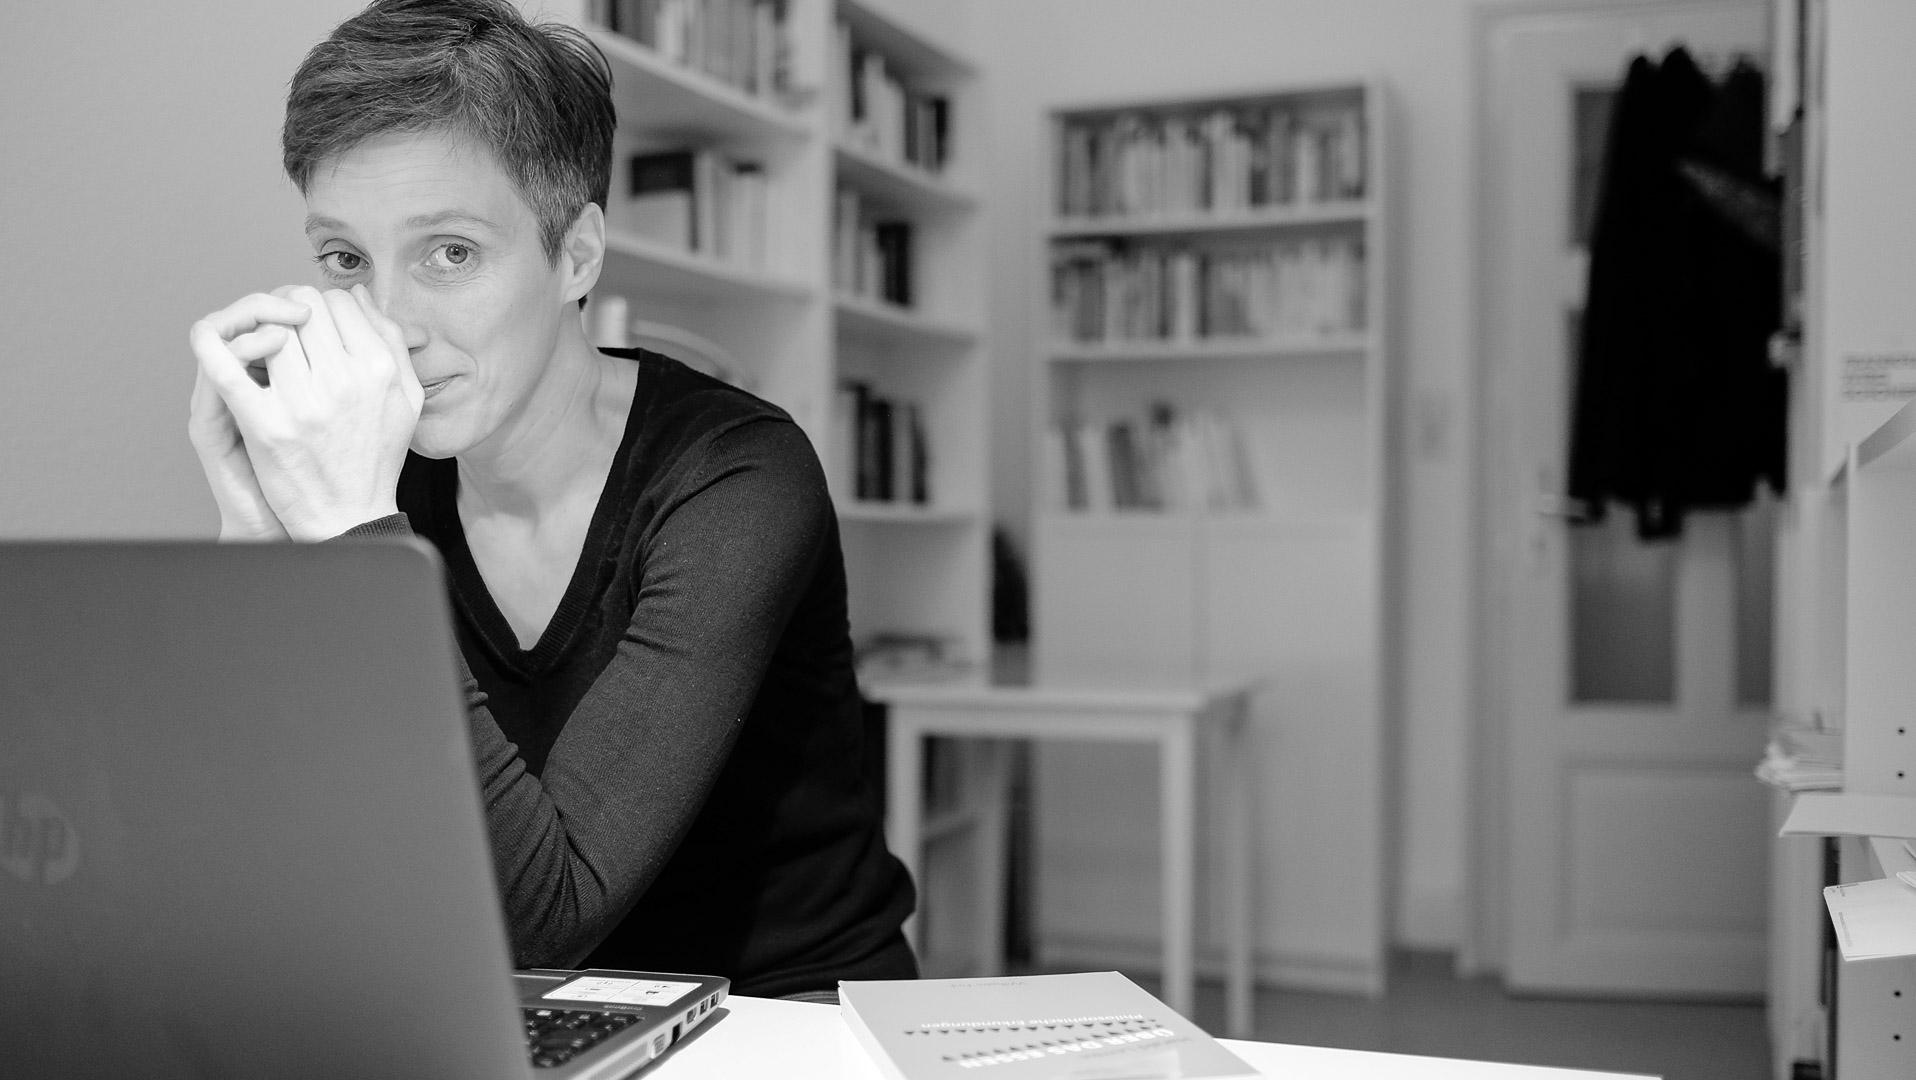 Hallo, ich bin Anne. Ich entwickle Konzepte, Manuskripte und Gestaltungen für Sachbücher. Zu meinen Kunden zählen renommierte Experten aus Wirtschaft und Medizin. Die von mir betreuten Sachbücher erscheinen in Verlagshäusern wie Campus, Heyne, Gabal oder Edel. Und in Bestseller-Listen.